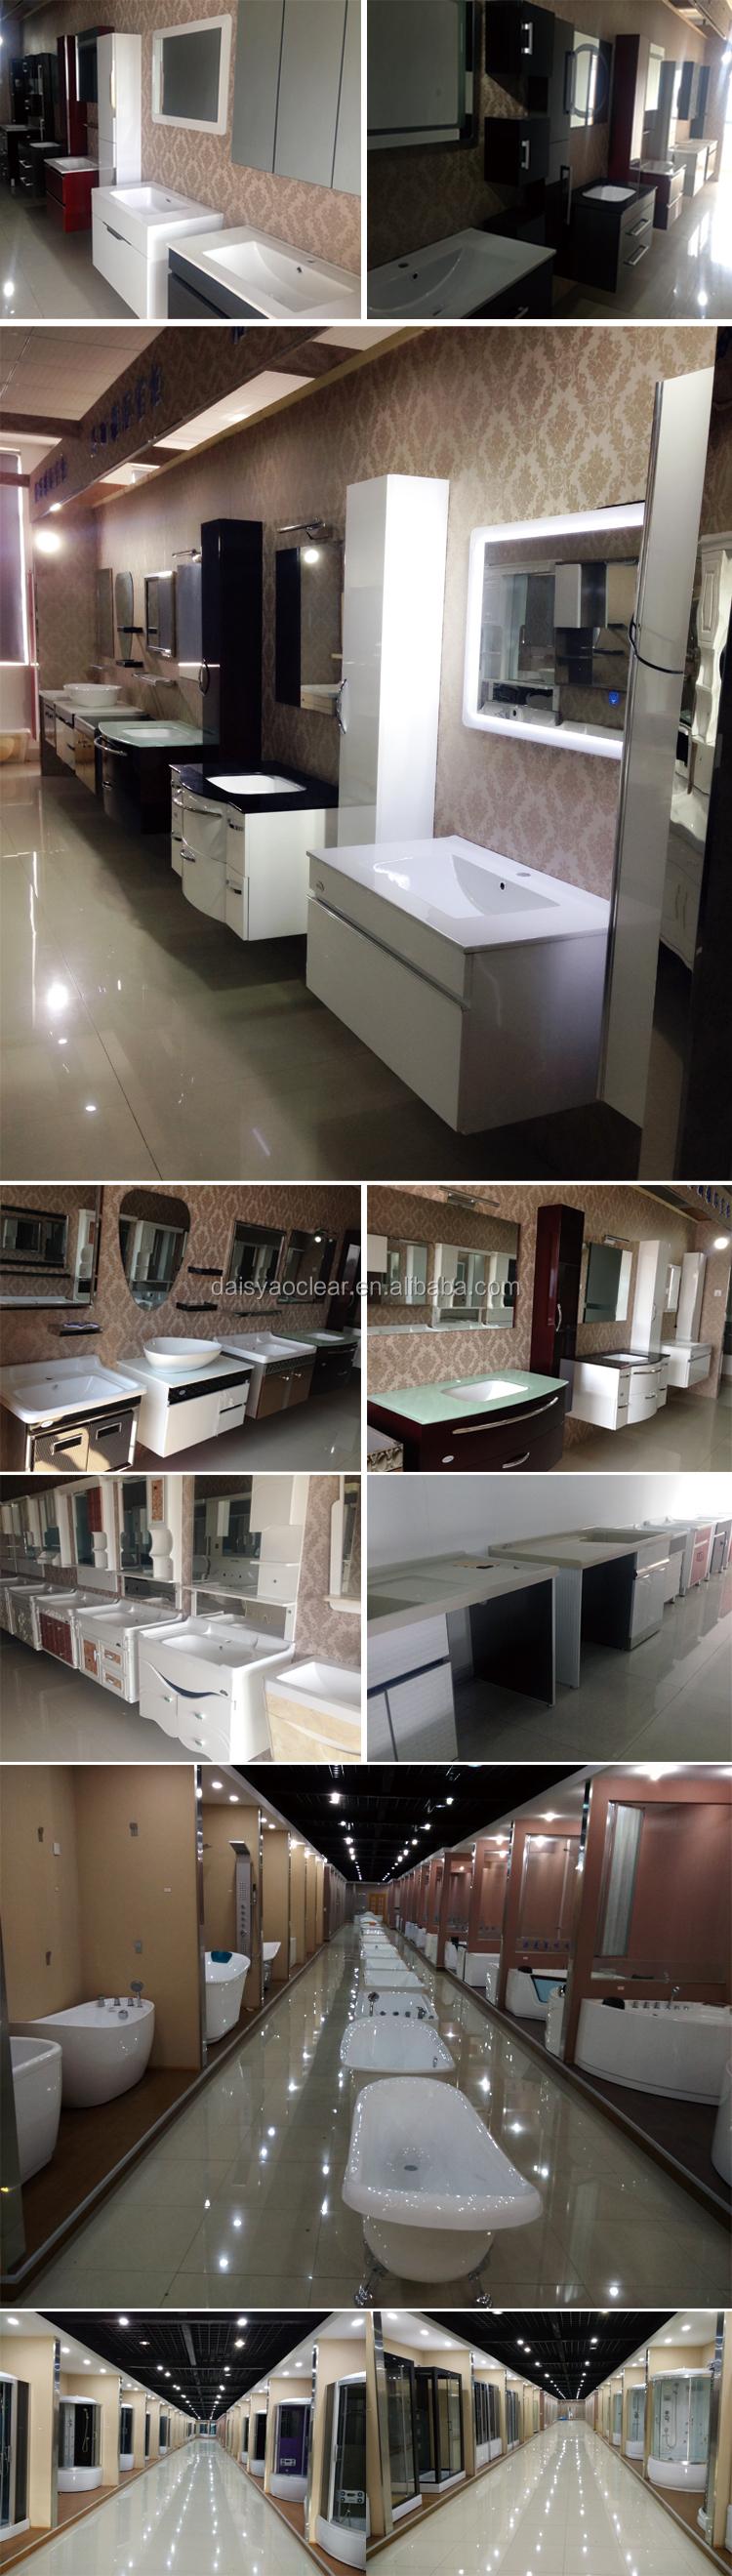 Style allemand incurv e salle de bains vanit et nouveau for Chambre de commerce shanghai